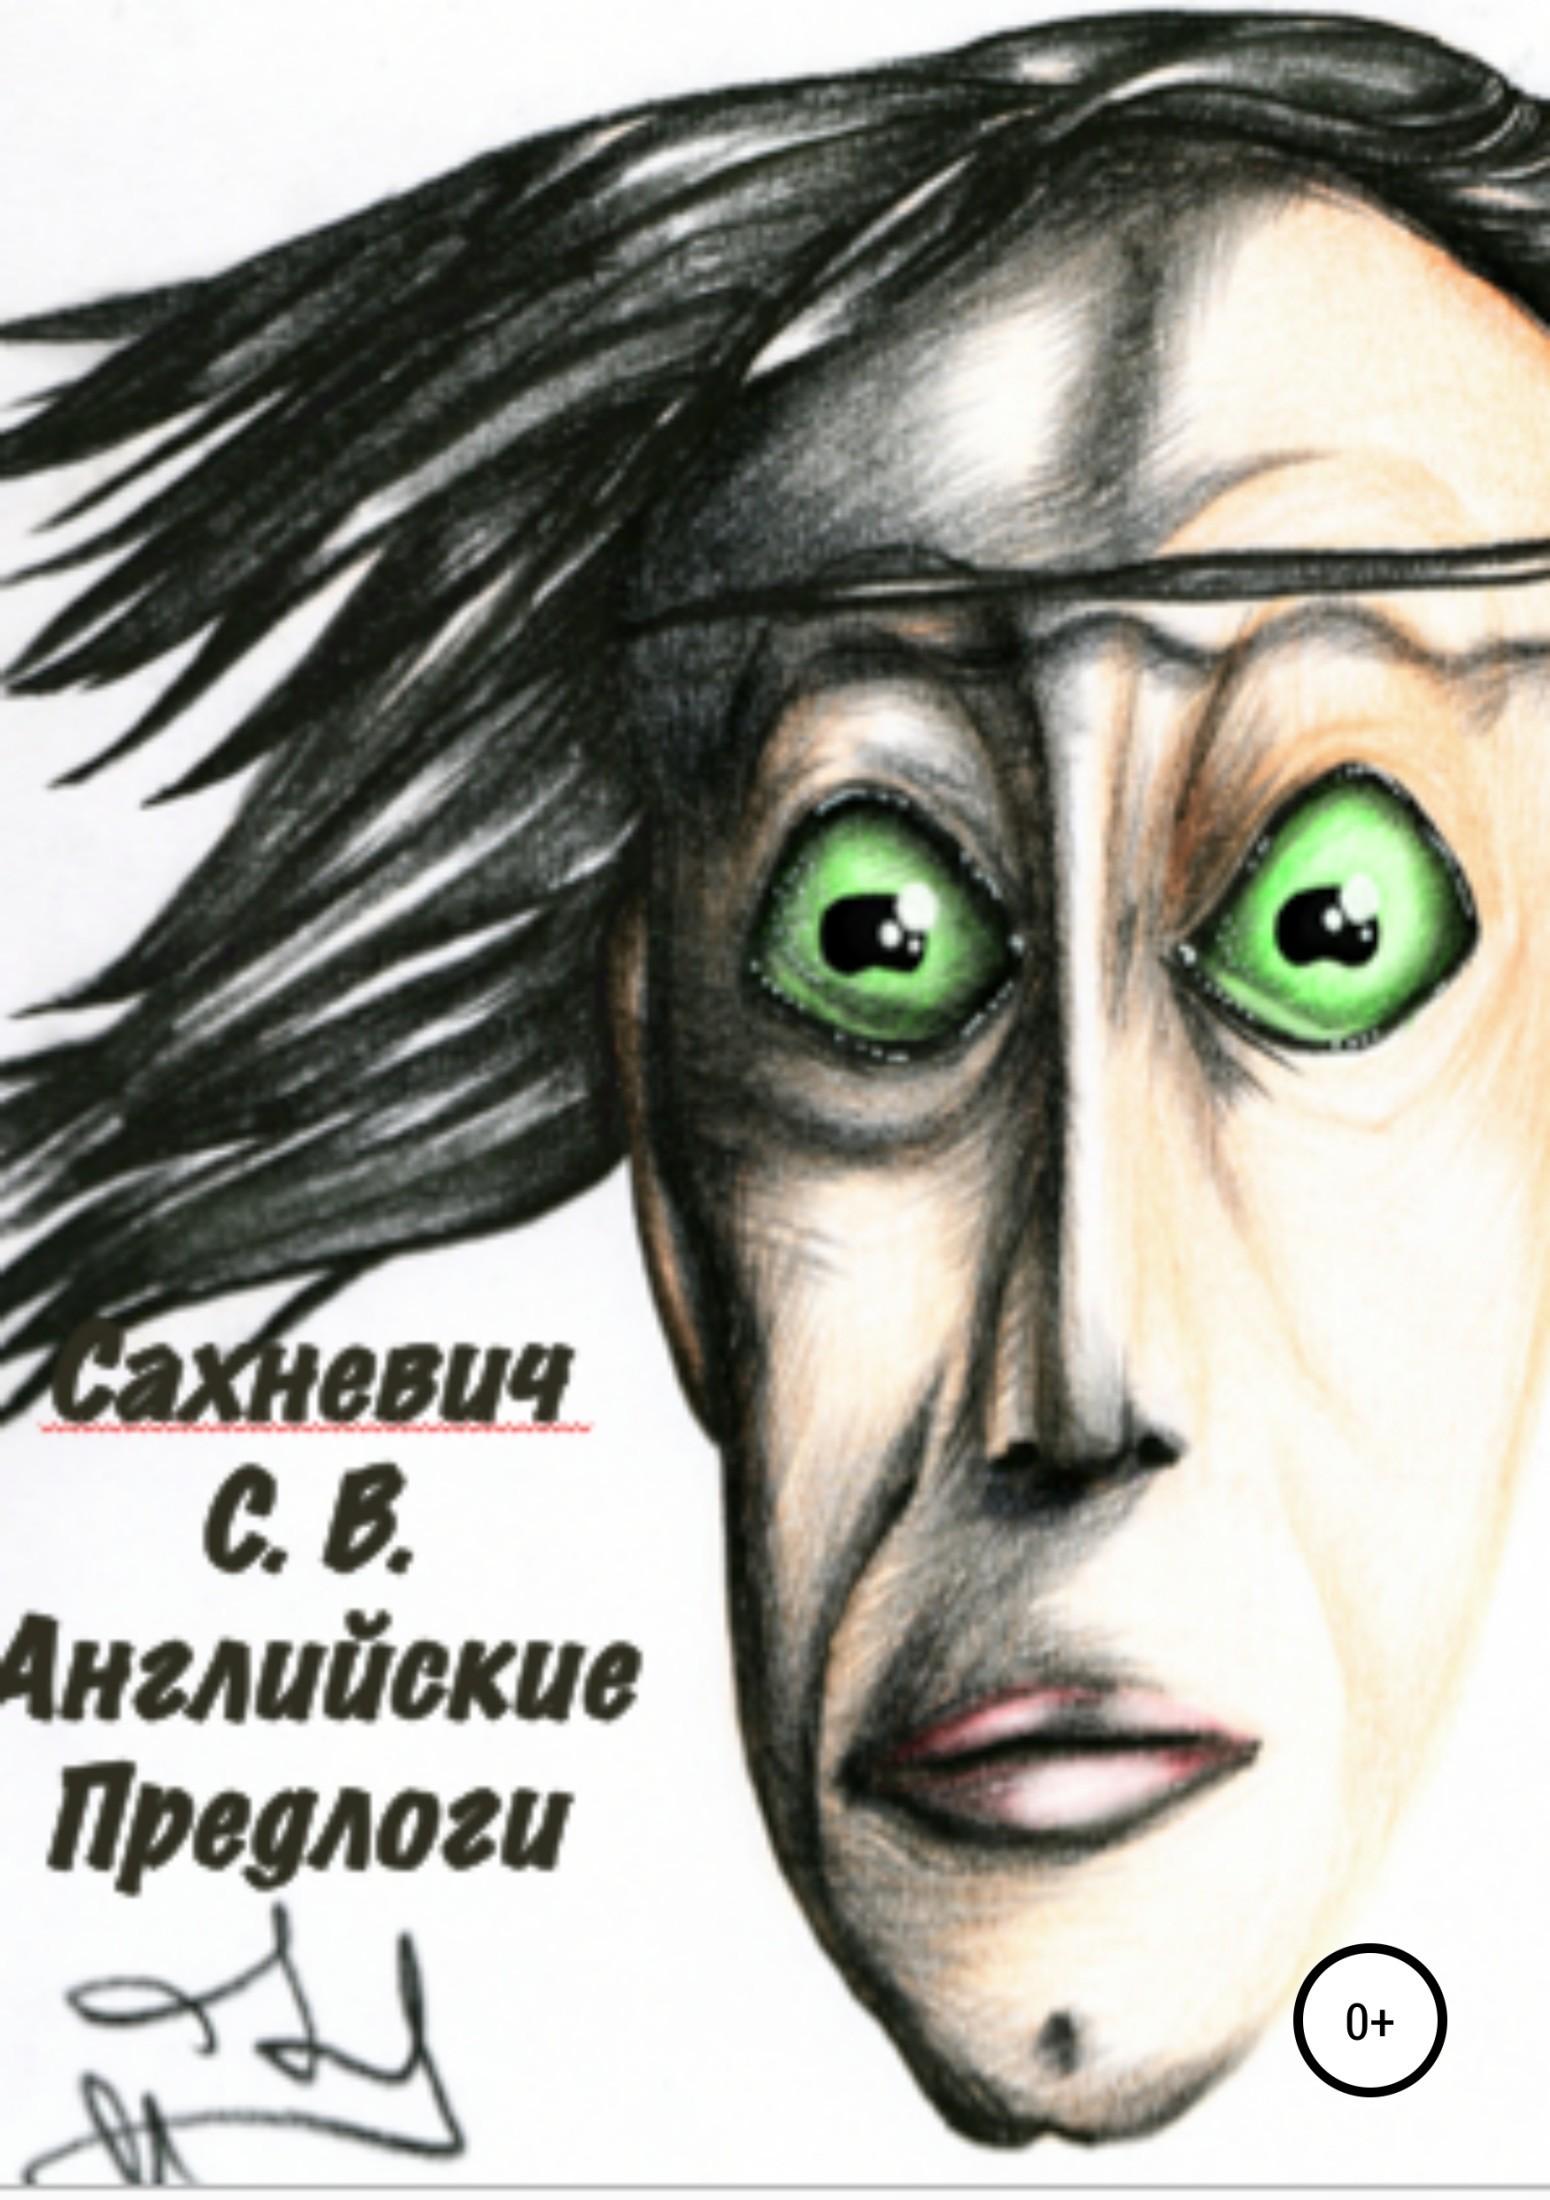 Сергей Владимирович Сахневич Английские предлоги в а погосян английский легко используем правильно предлоги